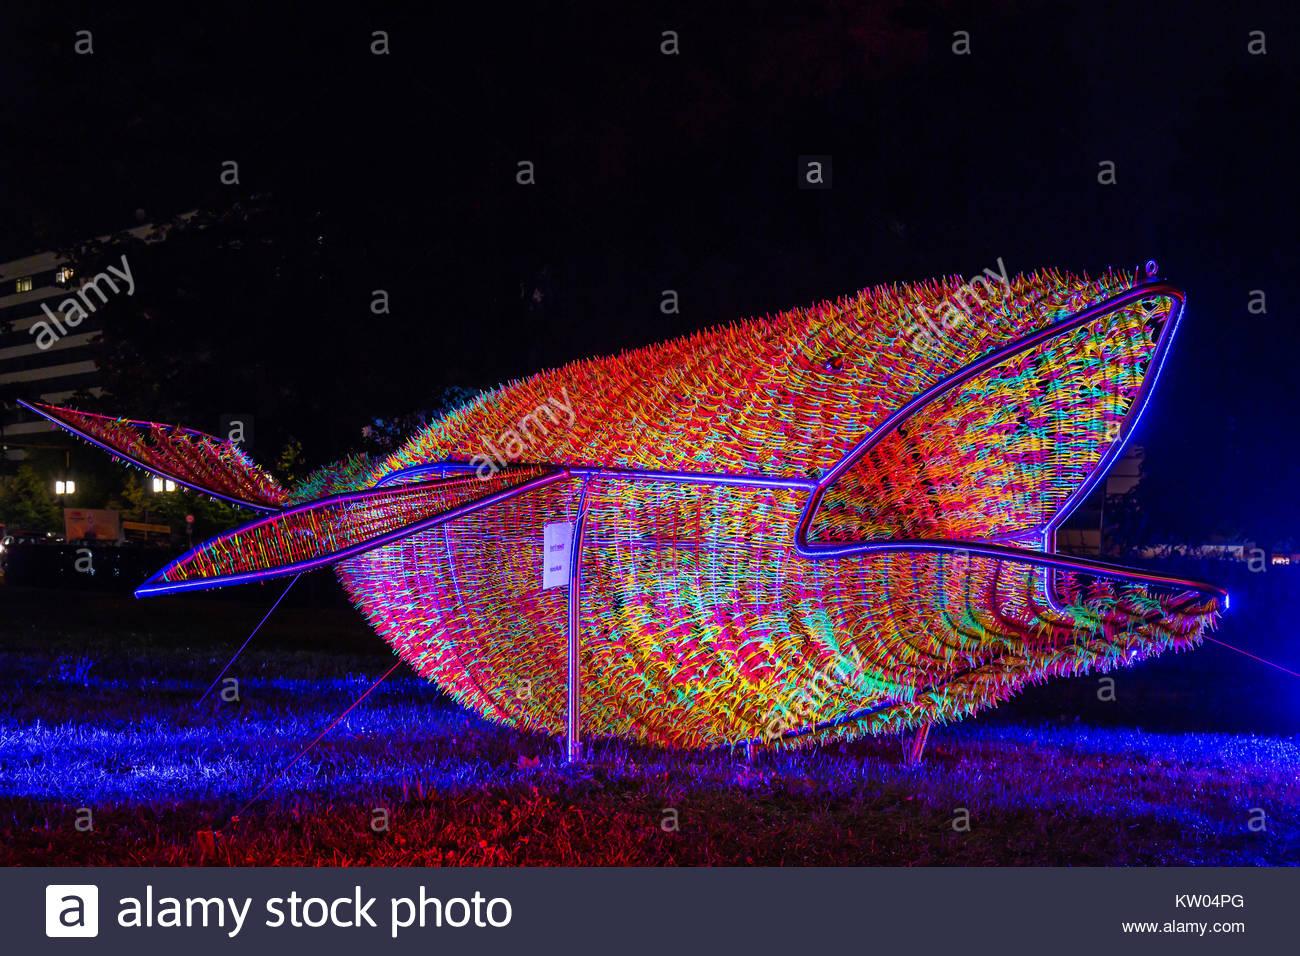 Der Wal vom Ernst-Reuter-Platz, eine Lichtskulptur beim Festival of Lights 2016 illuminiert in farbenprächtigen - Stock Image